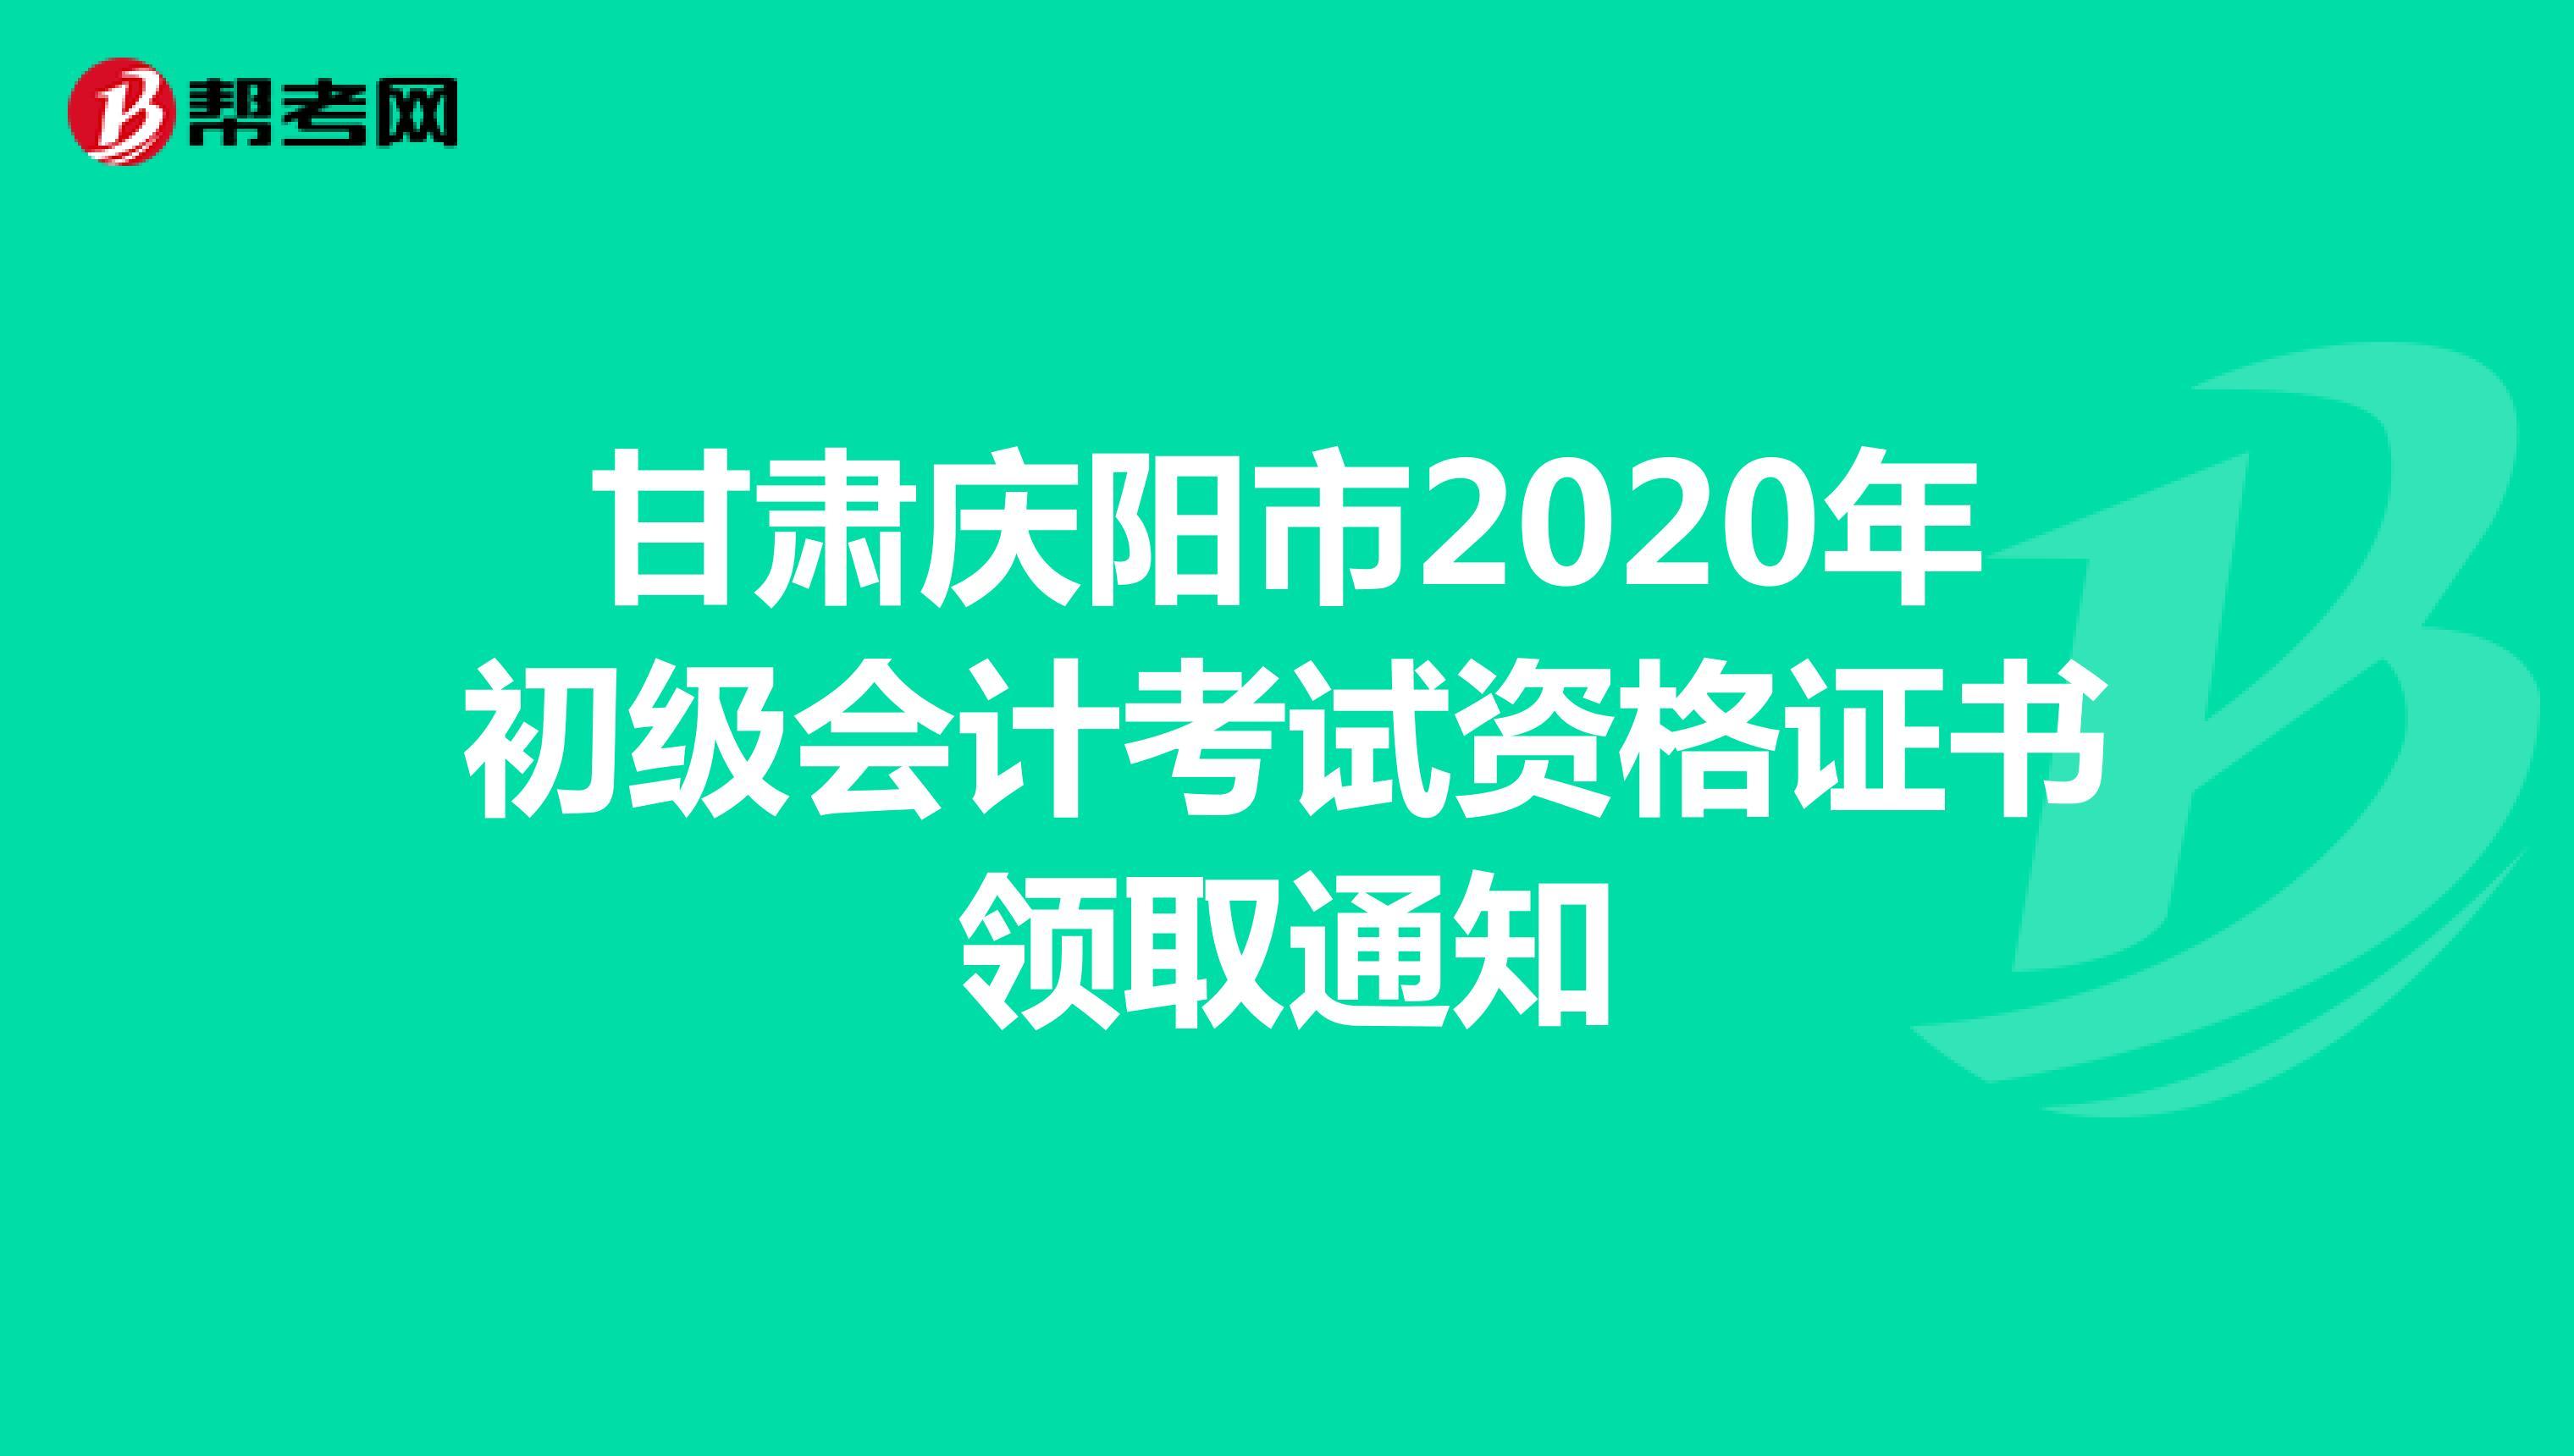 甘肃庆阳市2020年初级会计考试资格证书领取通知